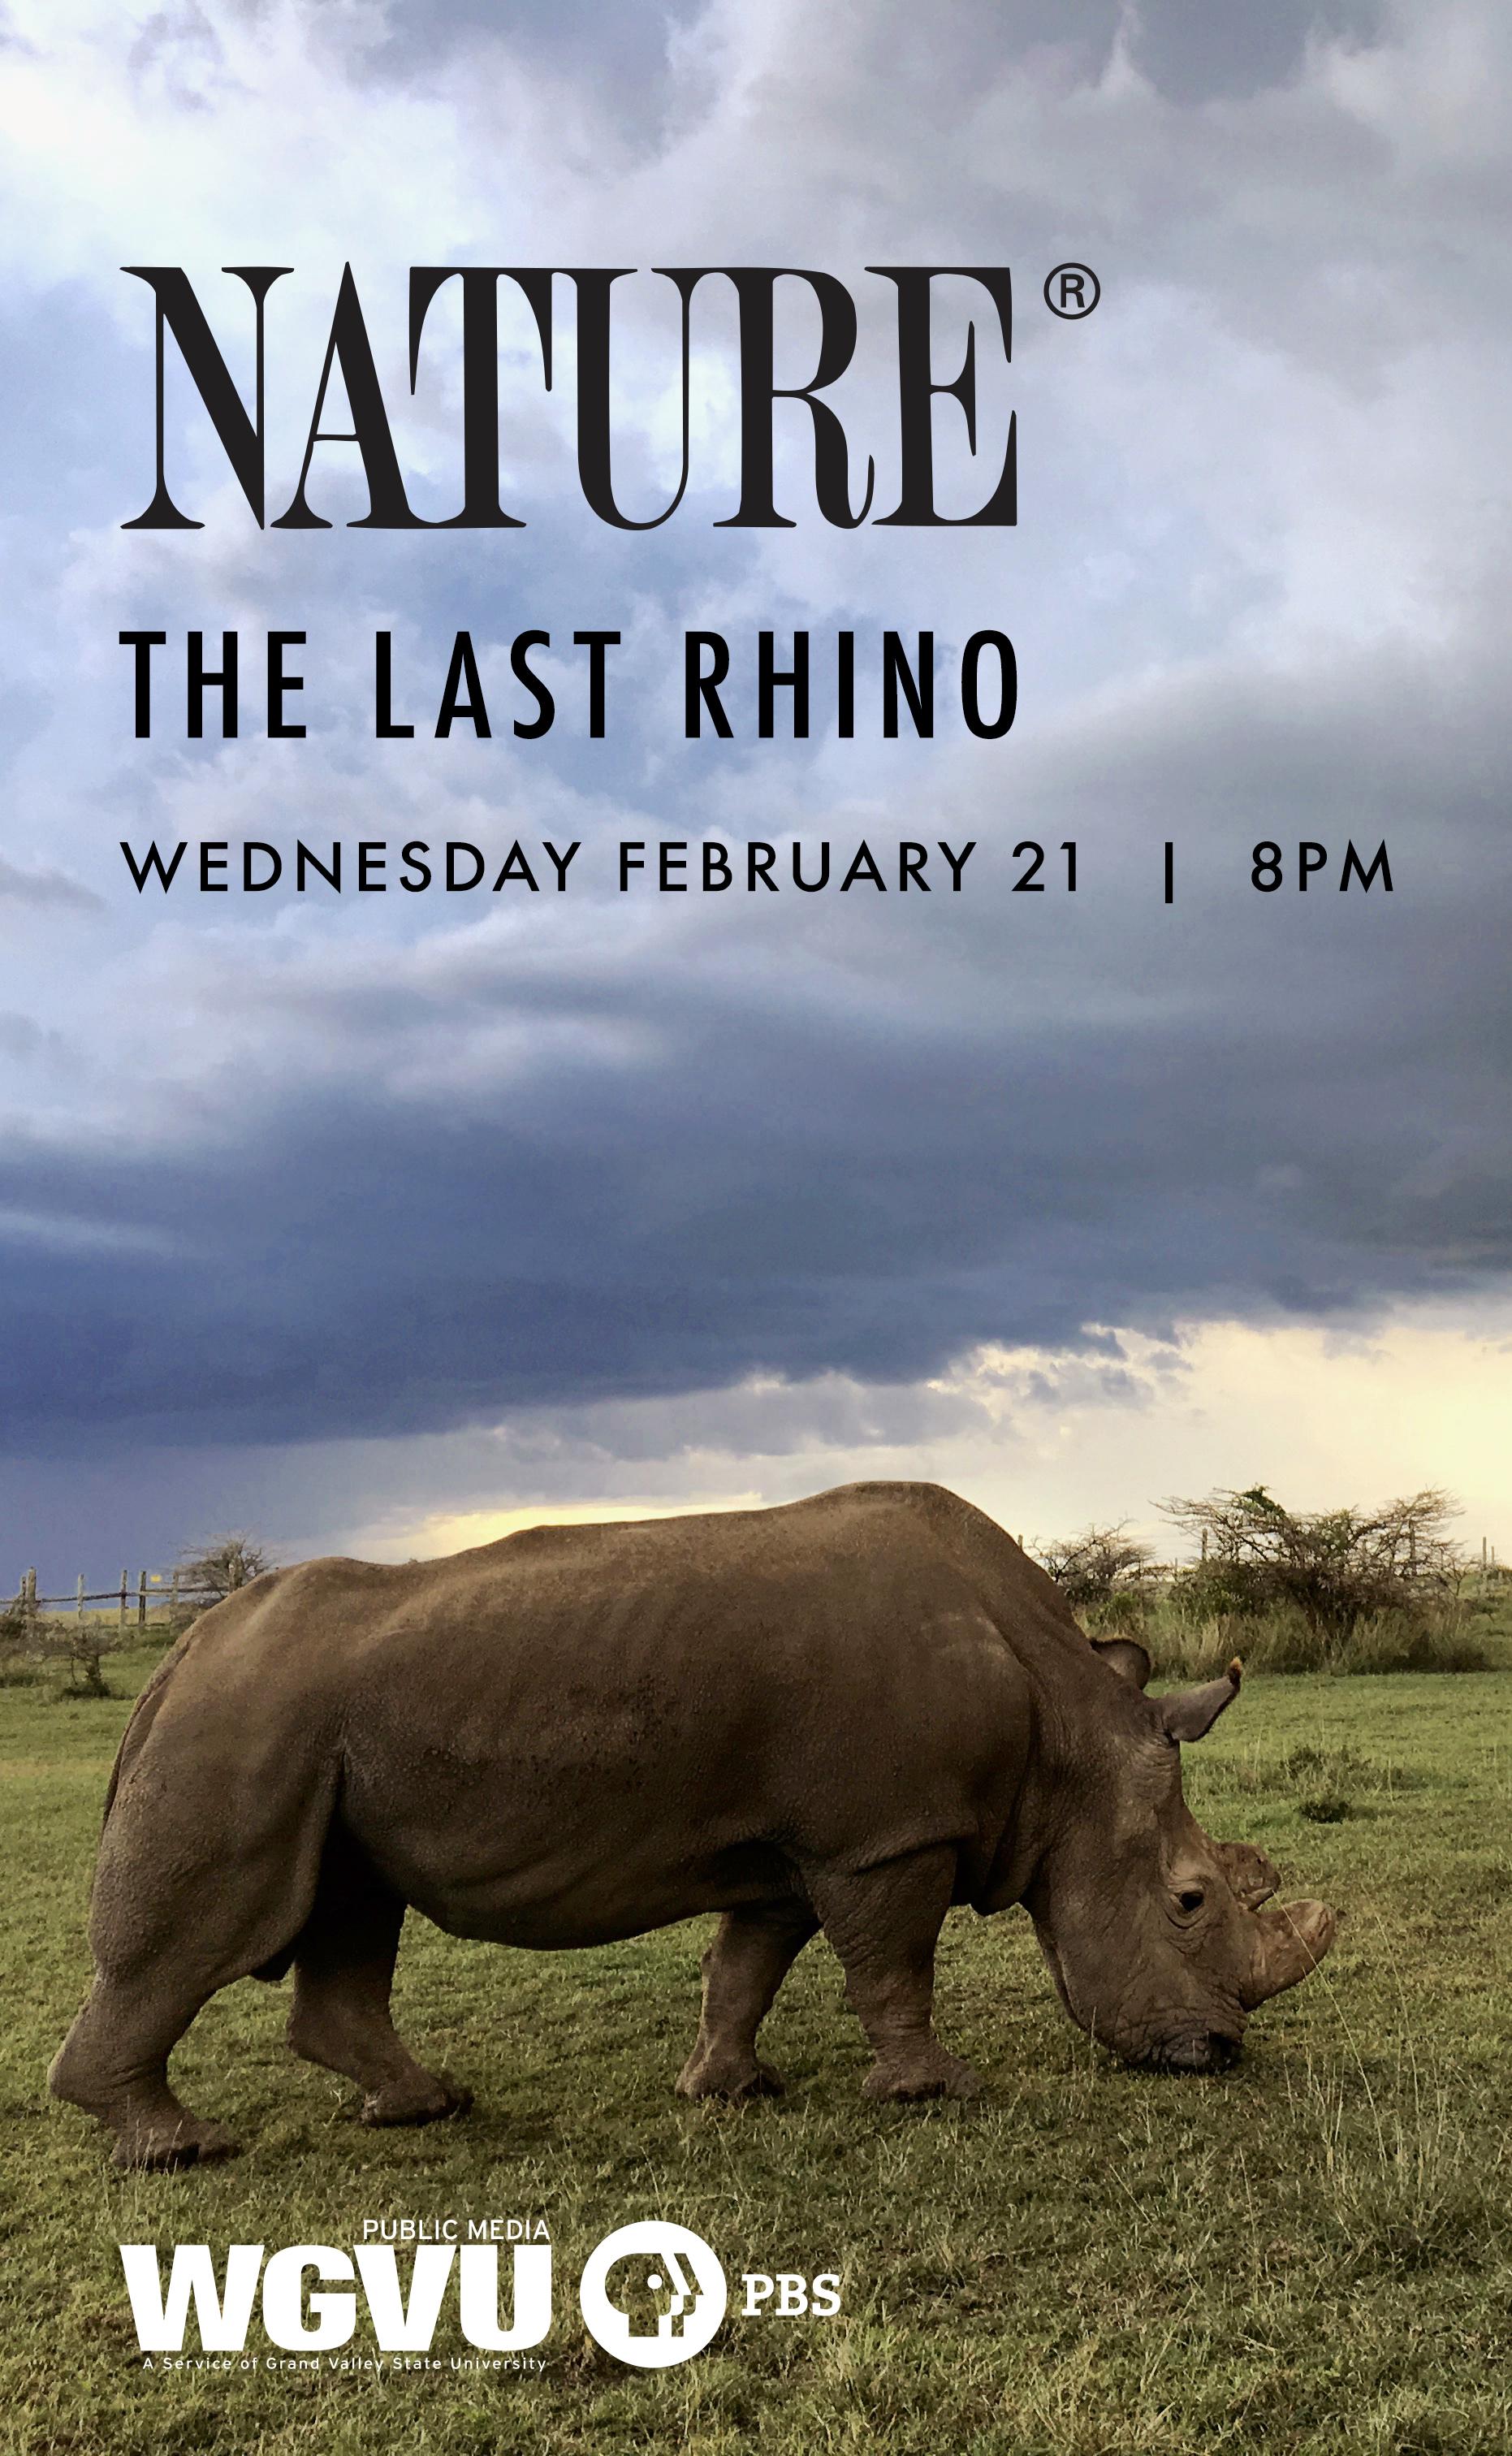 Nature the last rhino  |  Wednesday February 21 8 P M